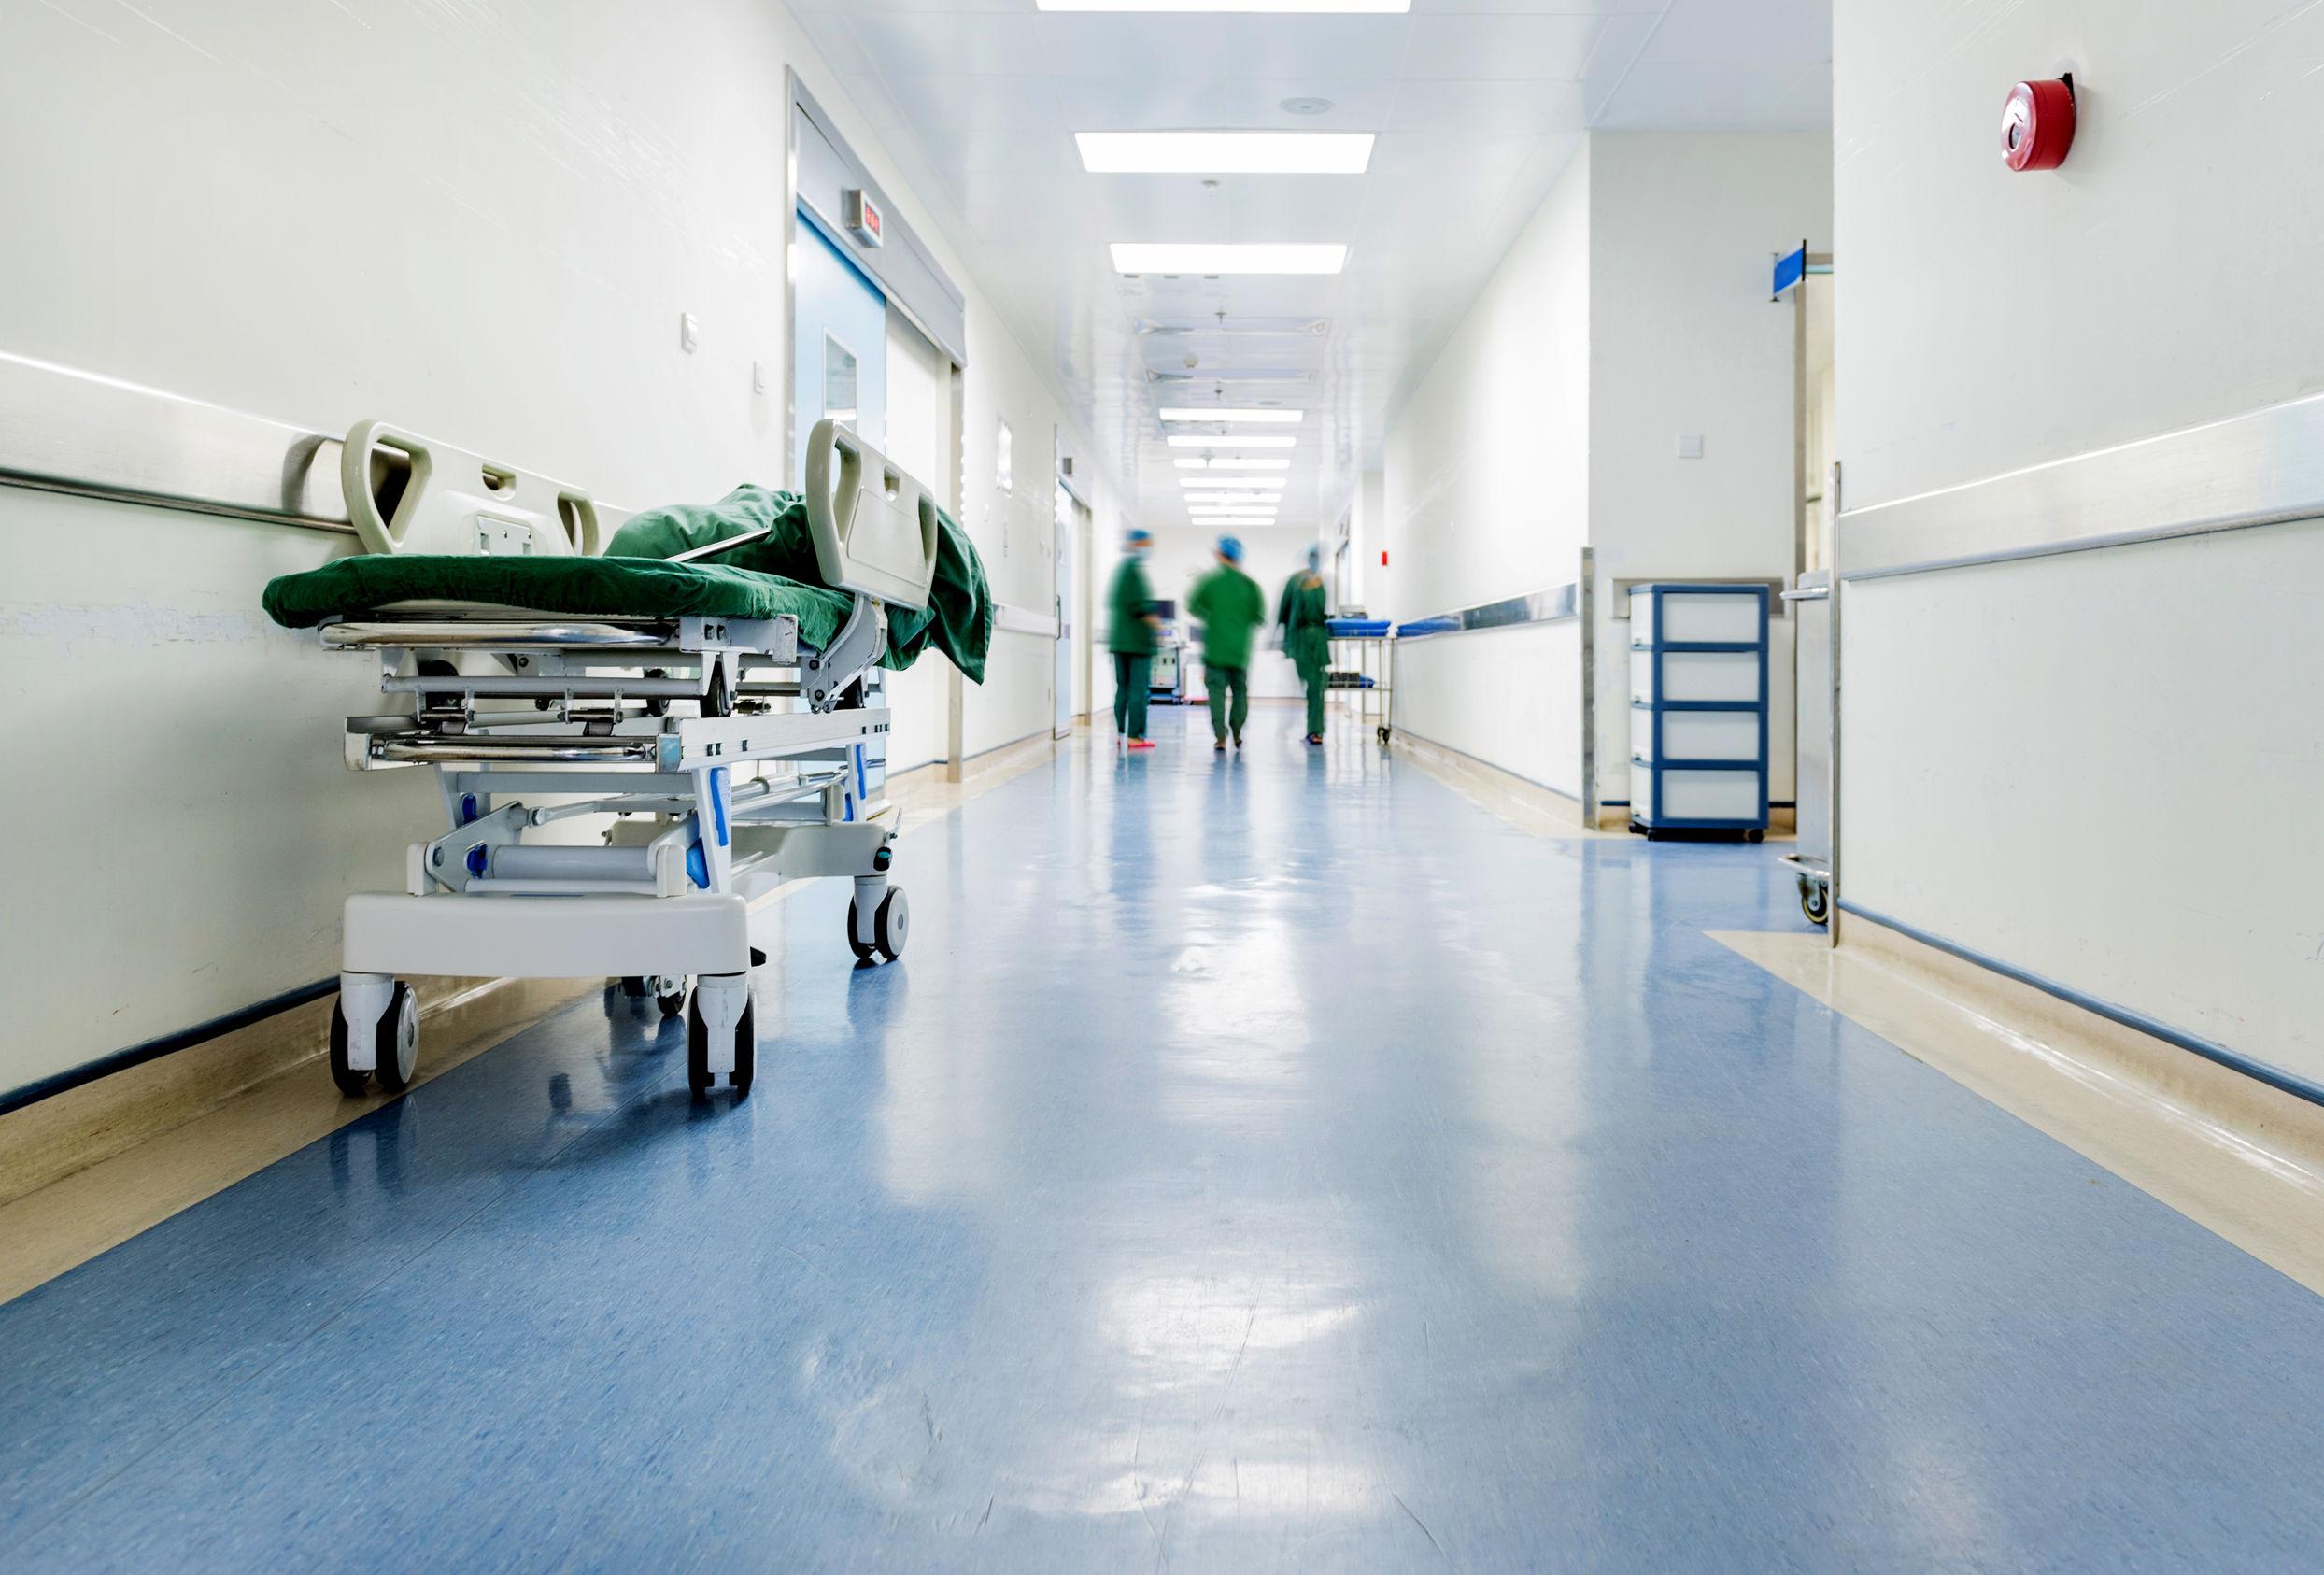 Регионы России вводят дополнительные «ковидные» выплаты для другого персонала больниц